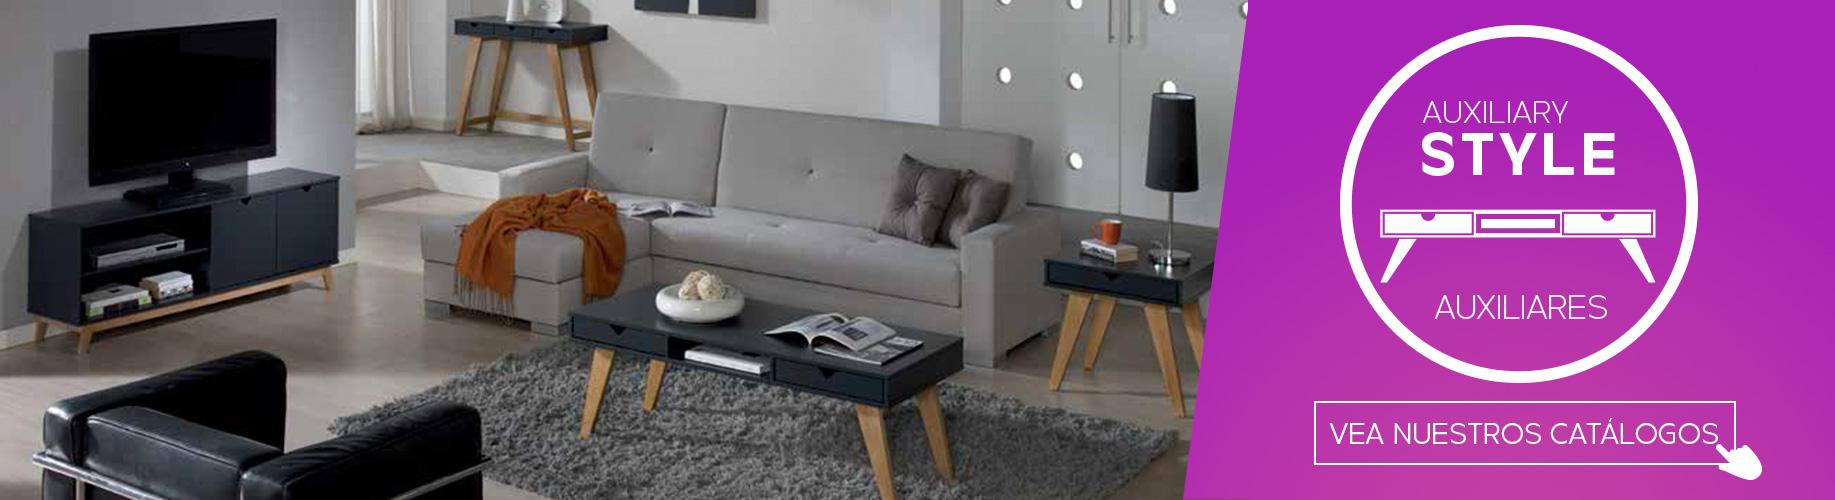 Muebles auxiliares